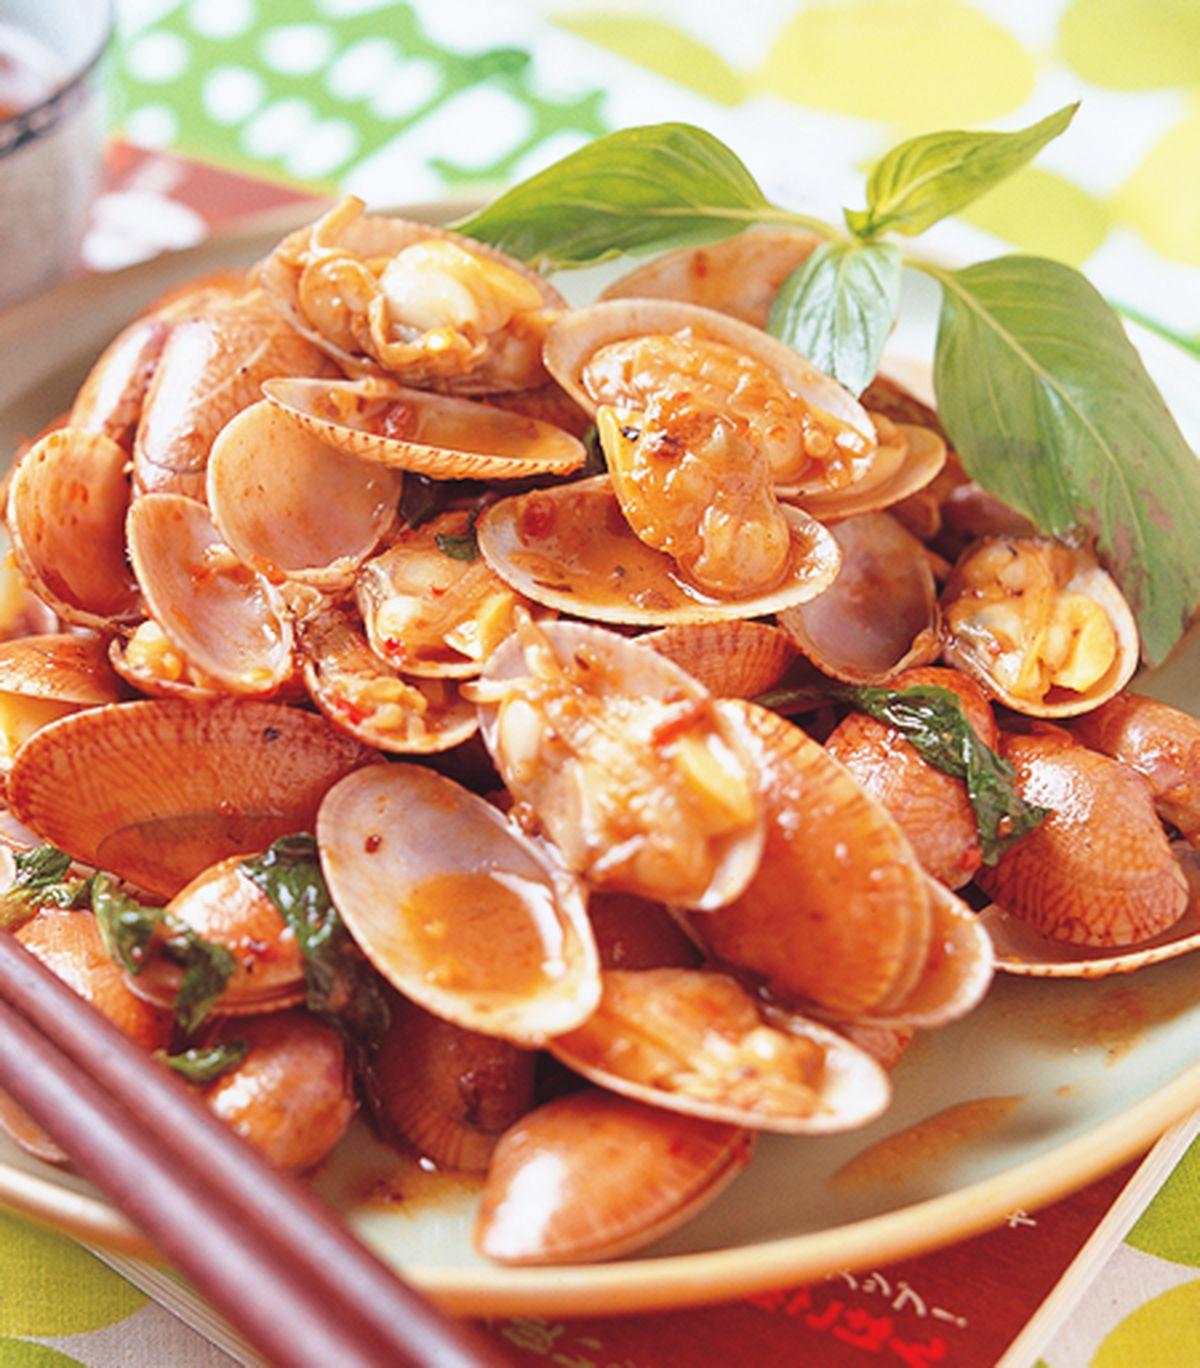 食譜:炒海瓜仔